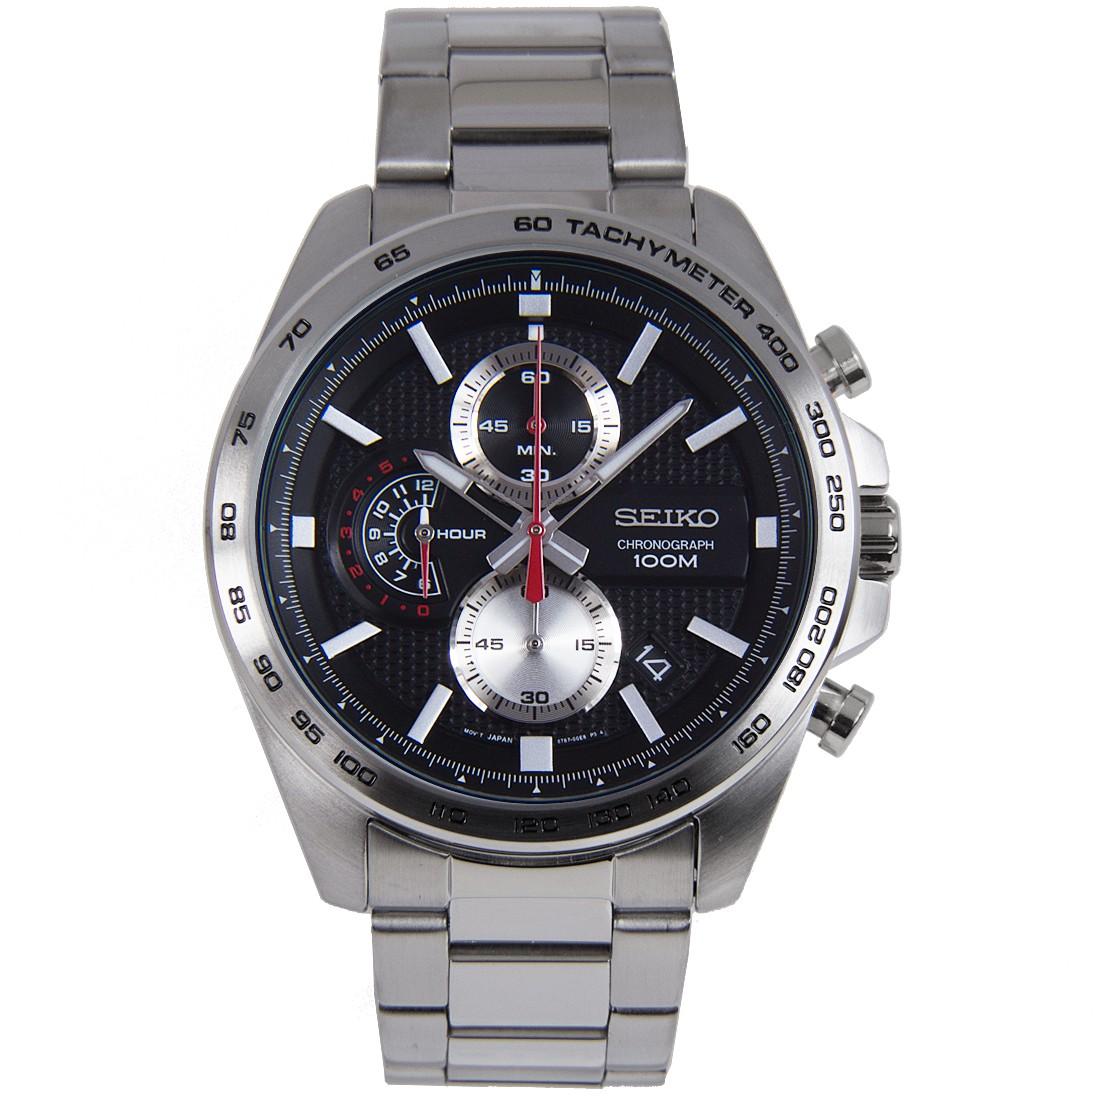 SEIKO Sport นาฬิกาข้อมือผู้ชาย Chronograph เรือนสแตนเลสหน้าปัดดำ รุ่น SSB255P1